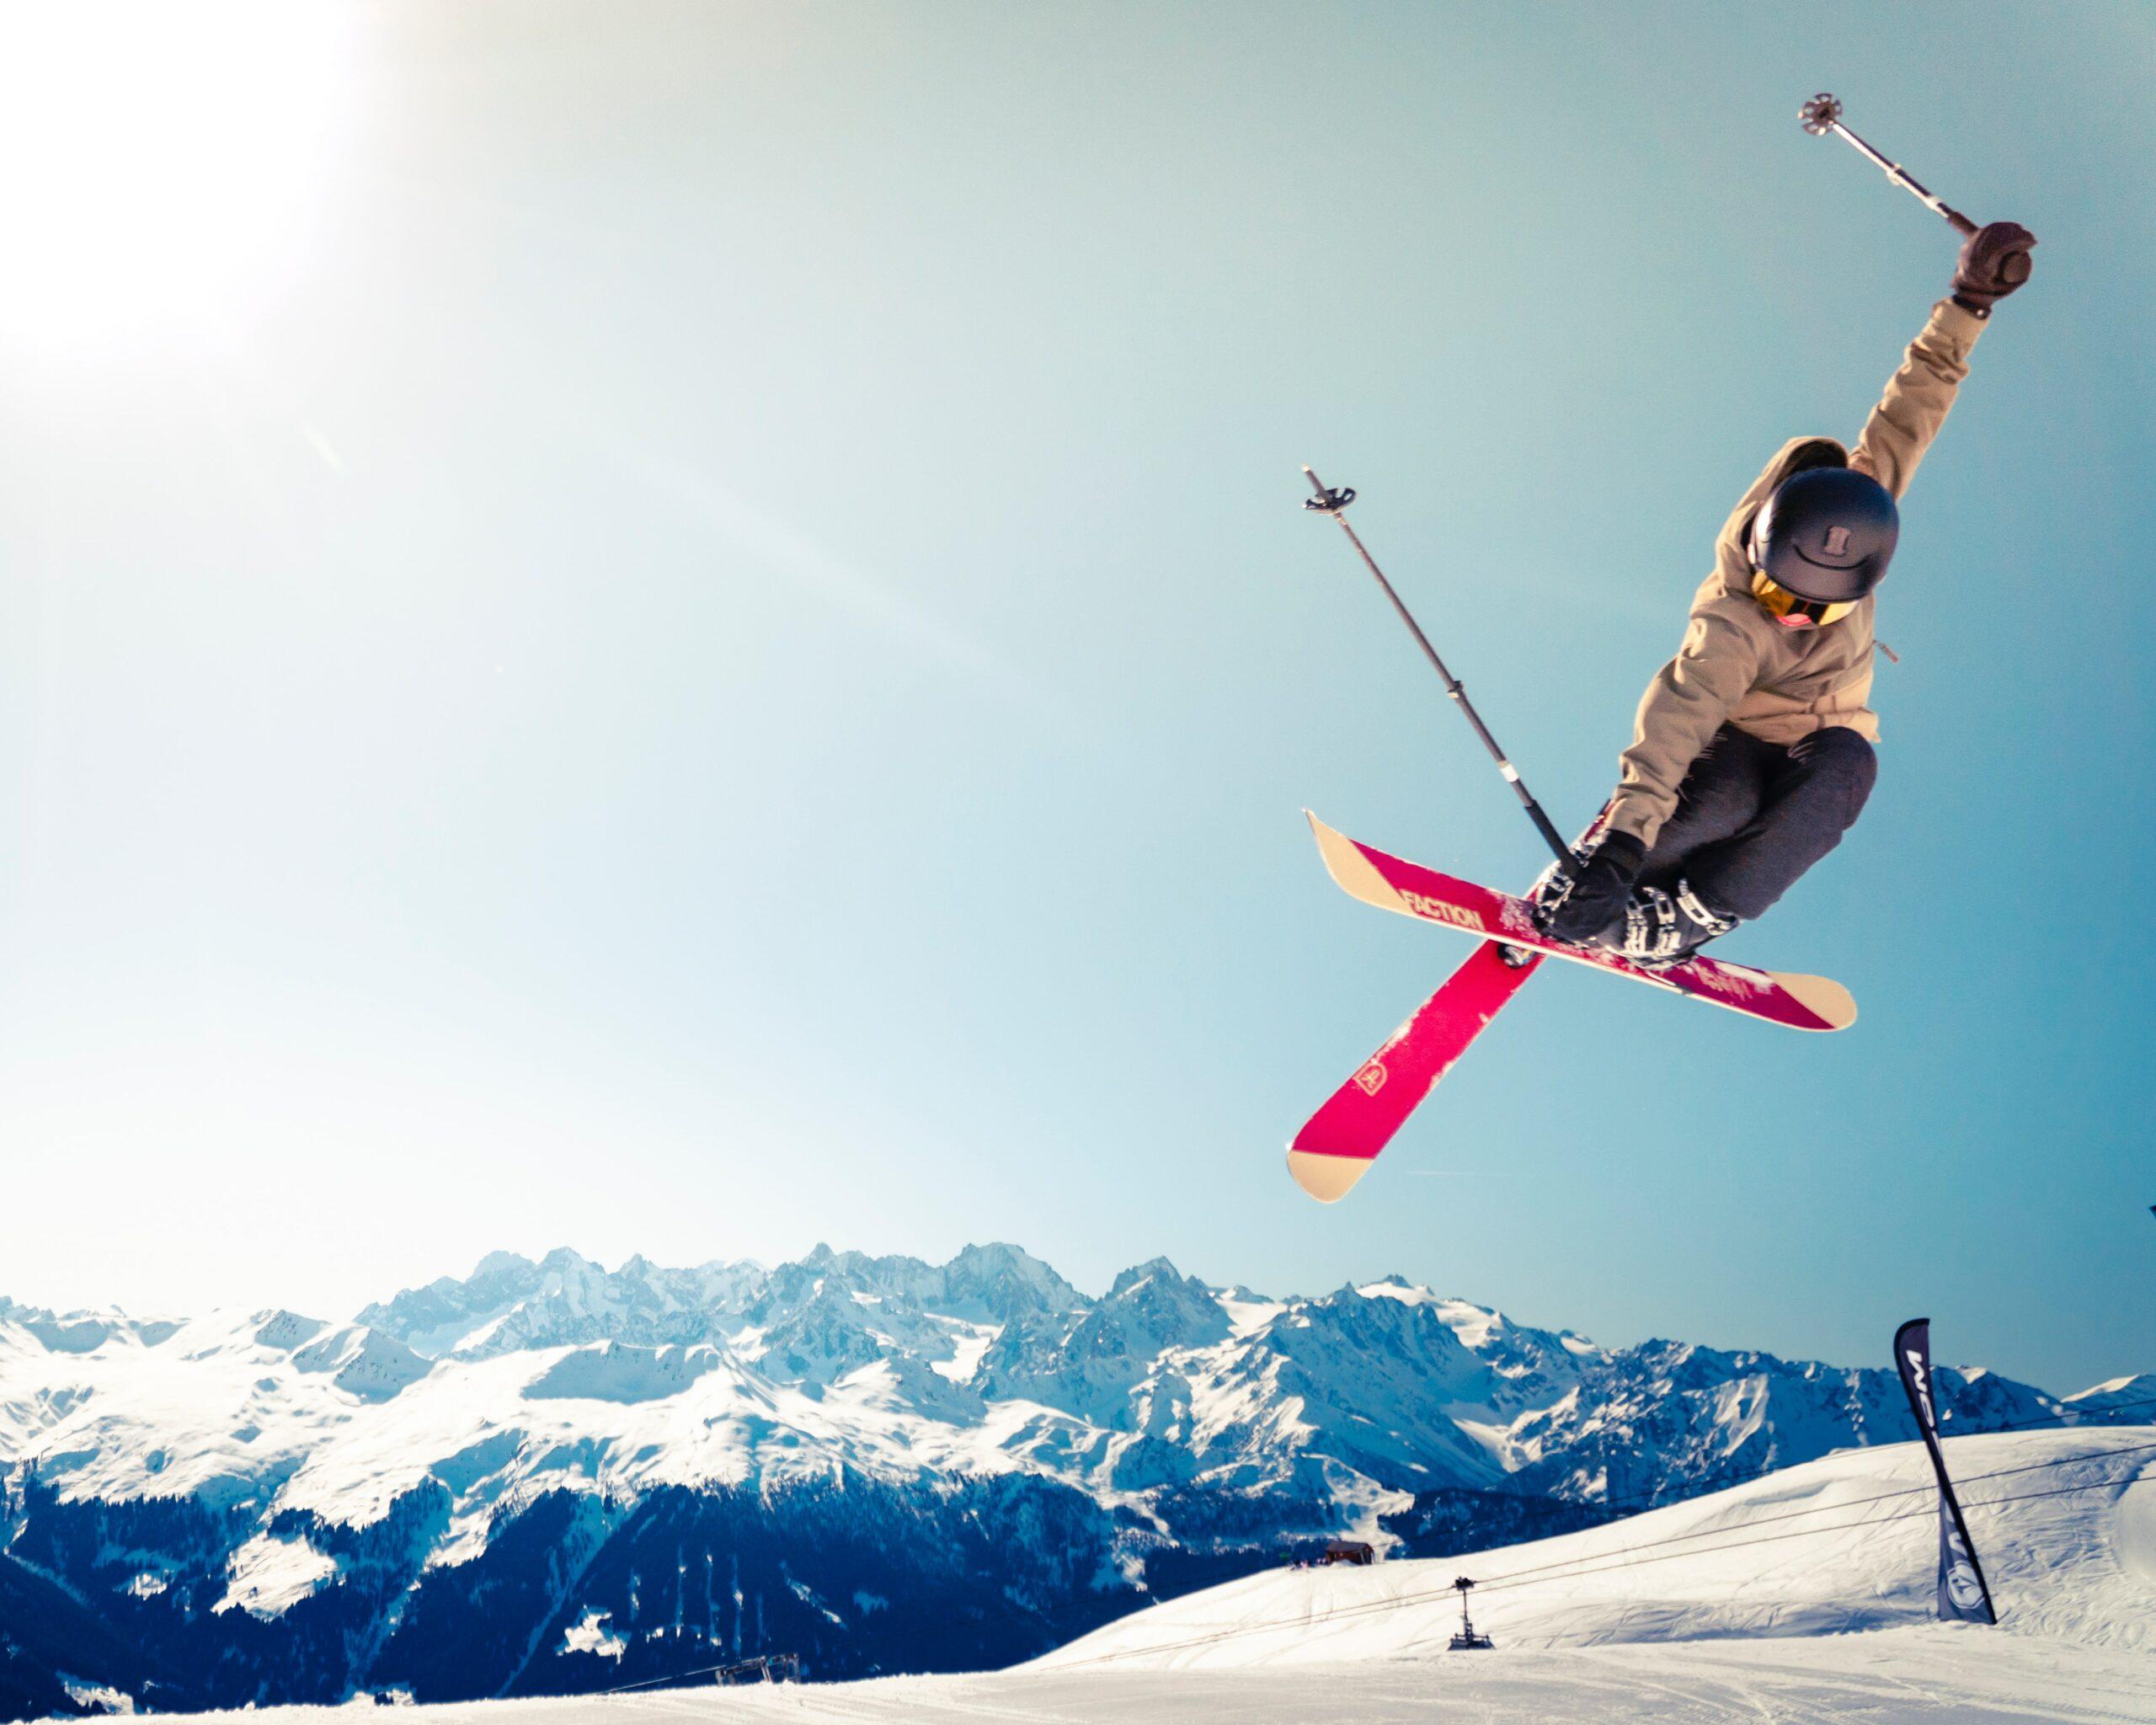 Jak zapakować narty do wysyłki kurierem? Czy można wysłać w paczce sanki i łyżwy?